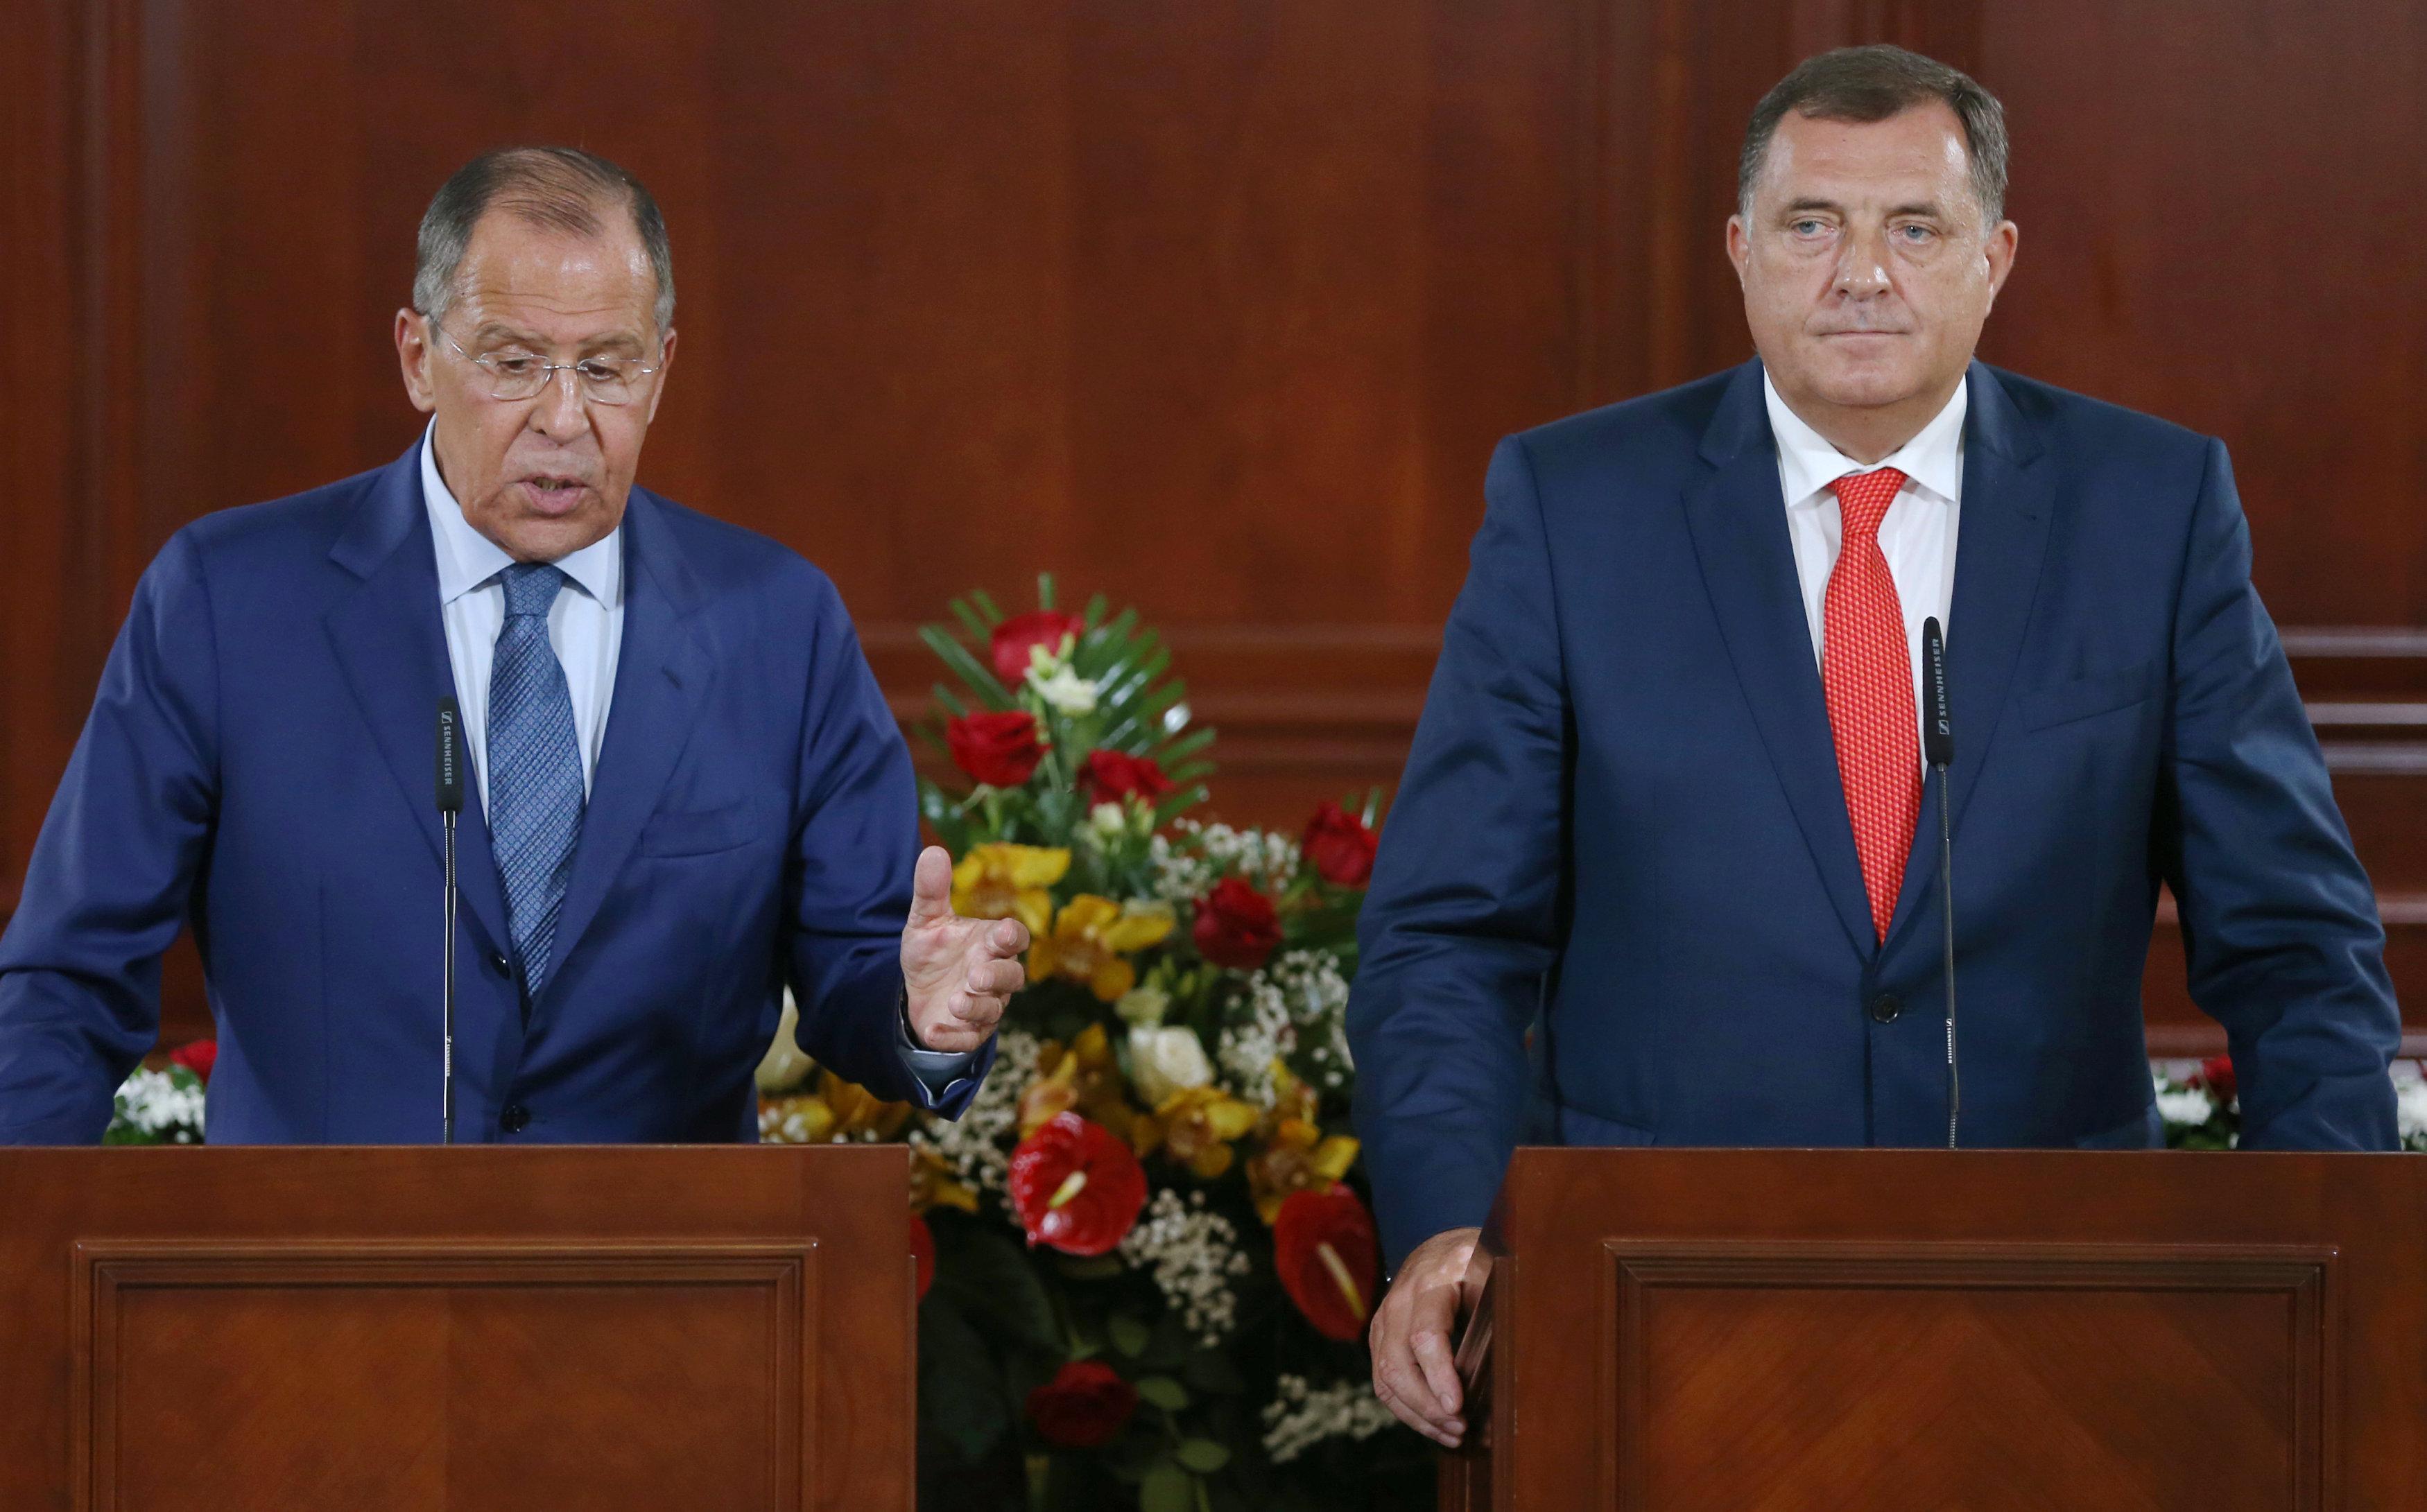 مؤتمر صحفى لوزير خارجية روسيا ورئيس جمهورية البوسنة